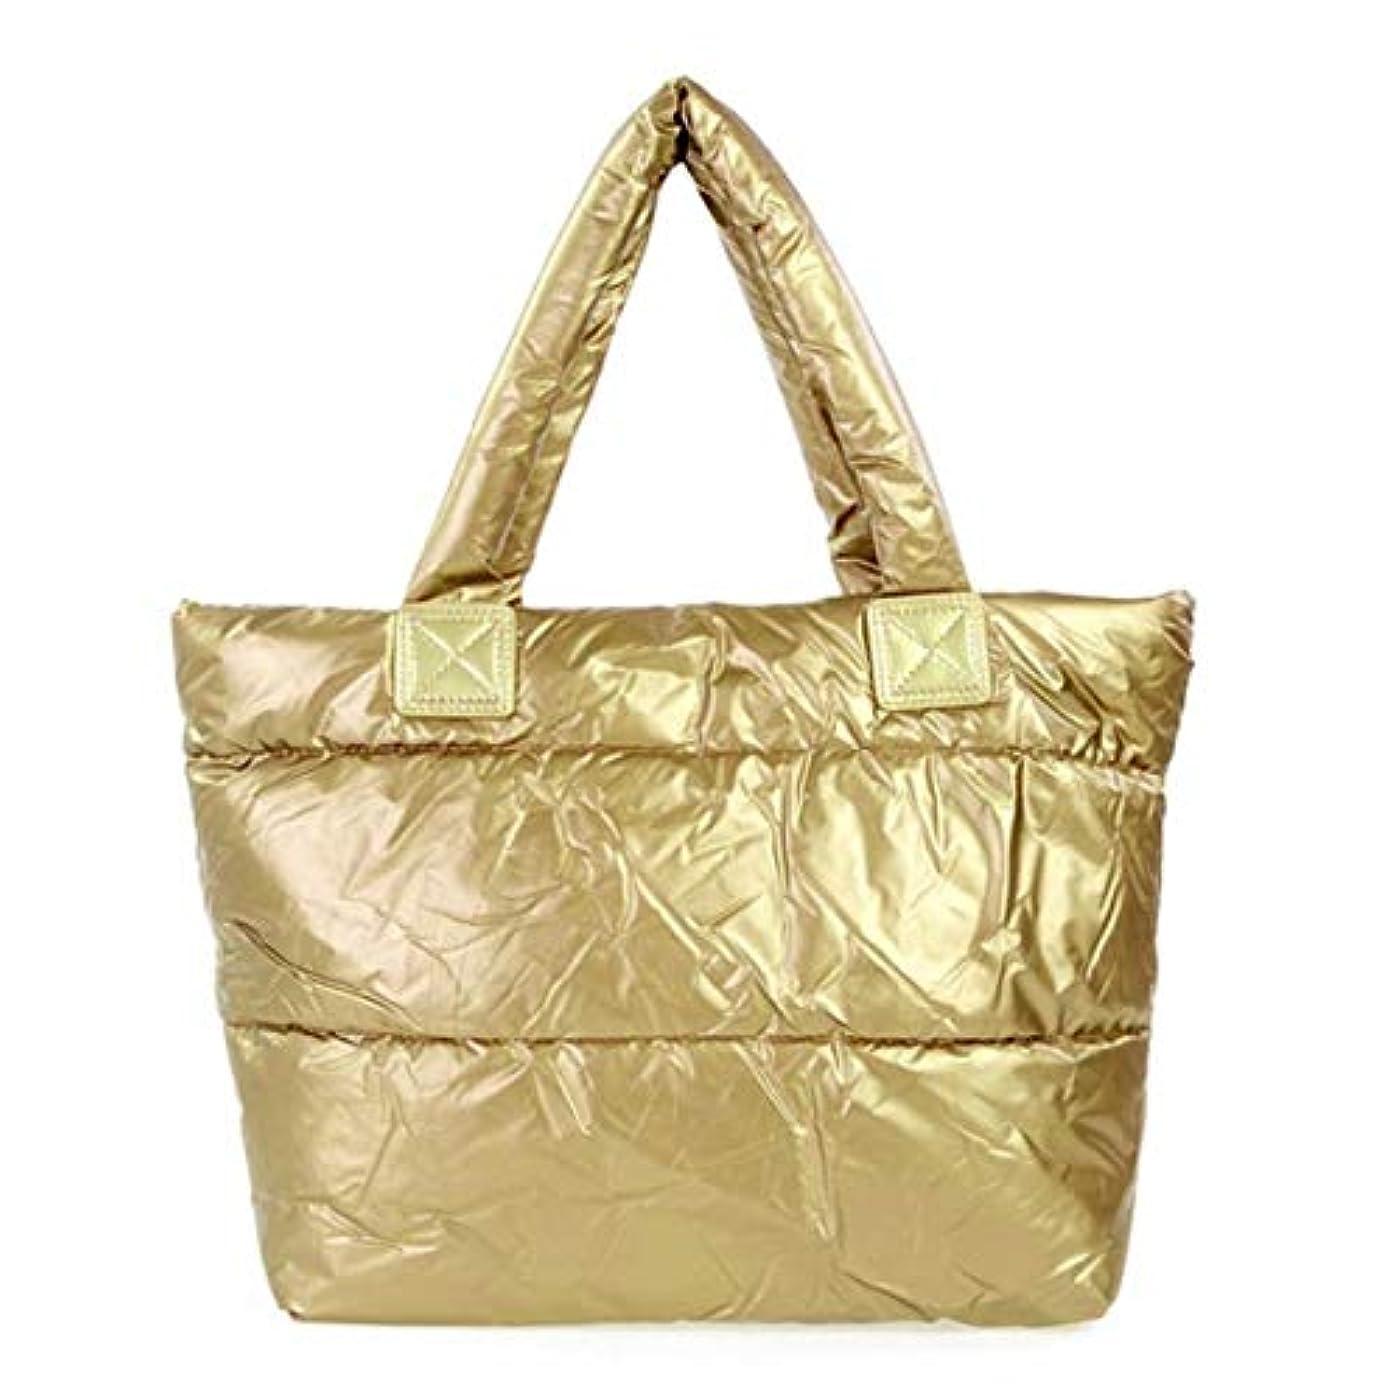 ブラスト若いムスタチオレディースバッグスペースバッグスポンジショルダーハンドバッグポータブルレディコットンパッド入りバッグ冬大容量トートバッグハンドバッグ-ゴールド